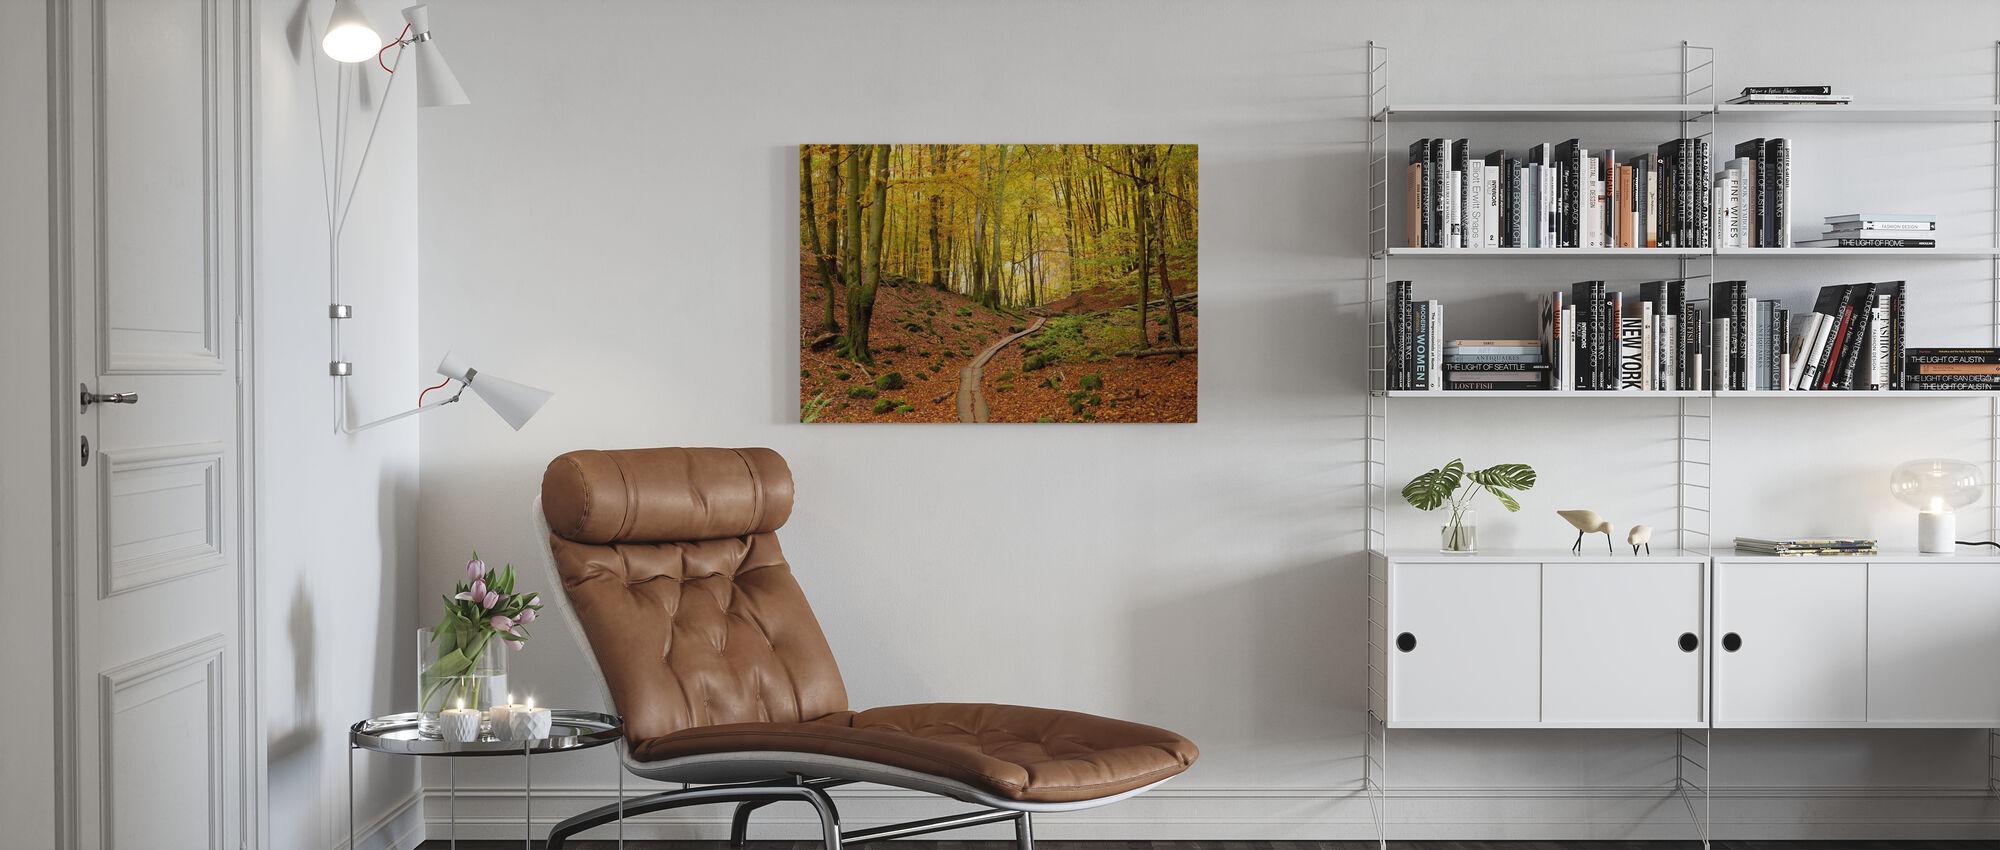 Soderasen Beech Wood, Sweden, Europe - Canvas print - Living Room